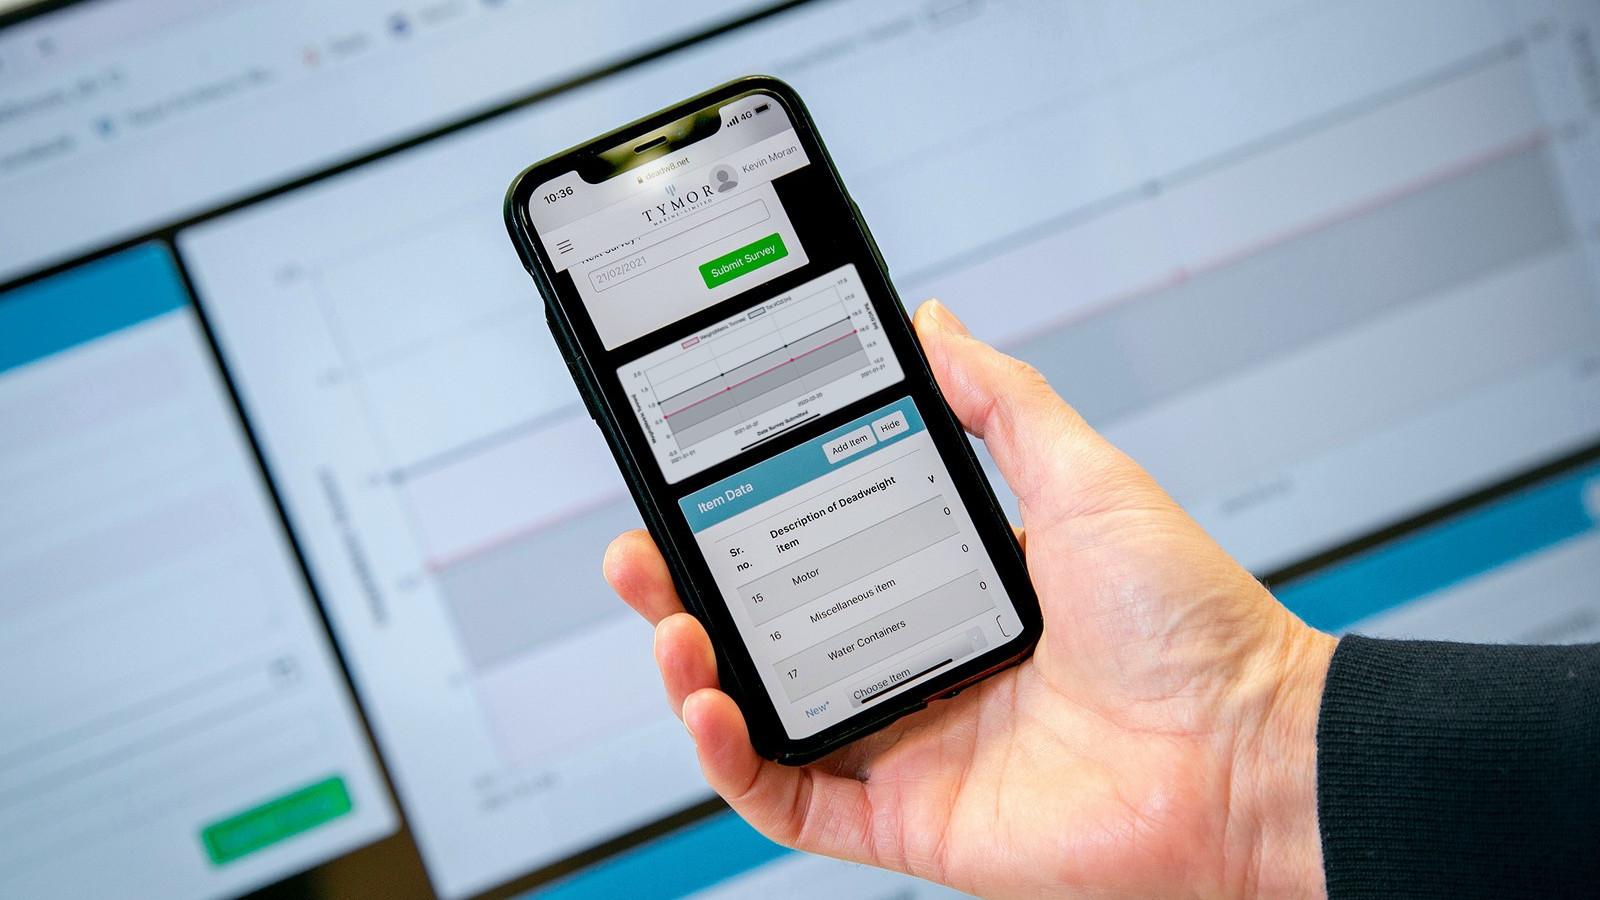 DeadW8.net phone app